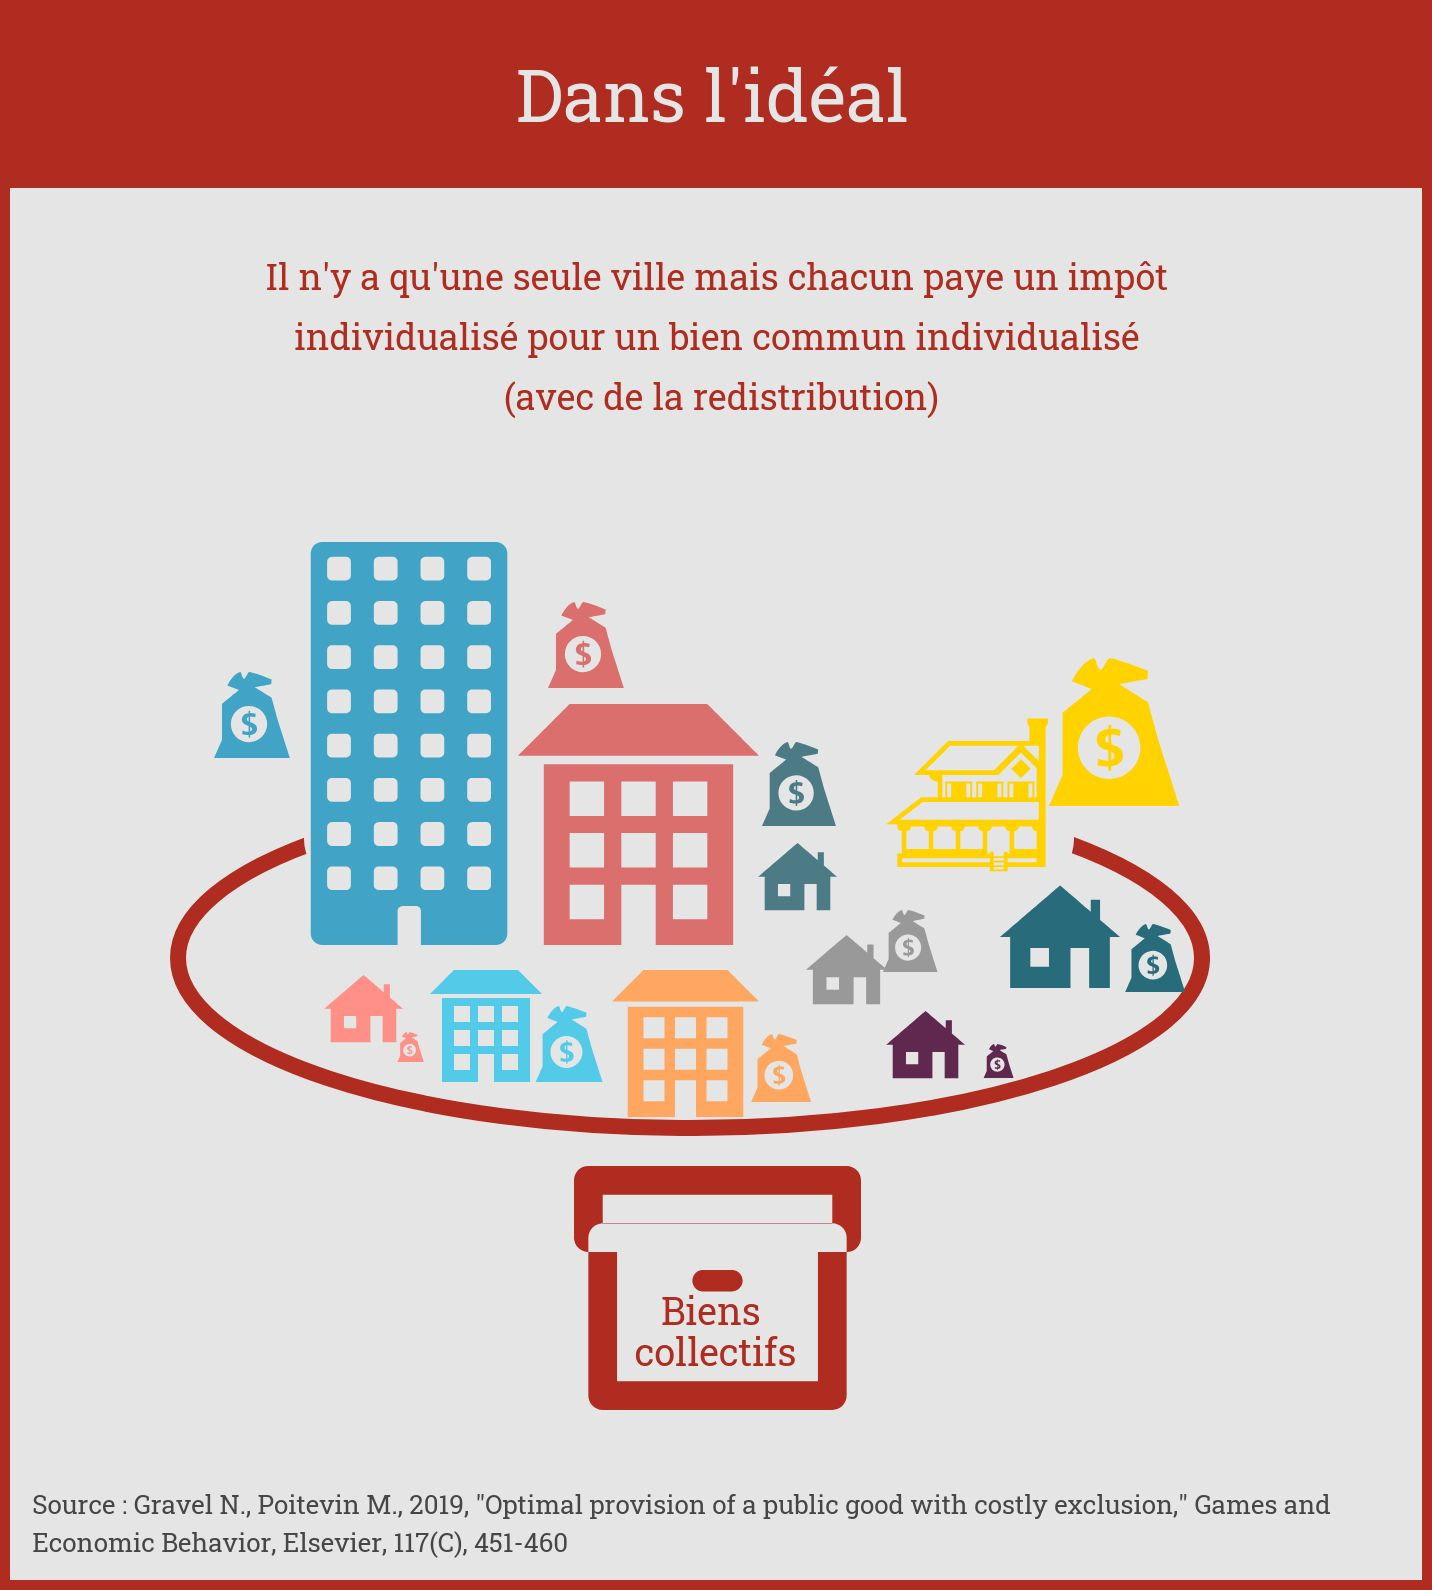 Dans l'idéal, il n'y a qu'une seule ville mais chacun paye un impôt individualisé pour un bien commun individualisé. Il y a de la redistribution